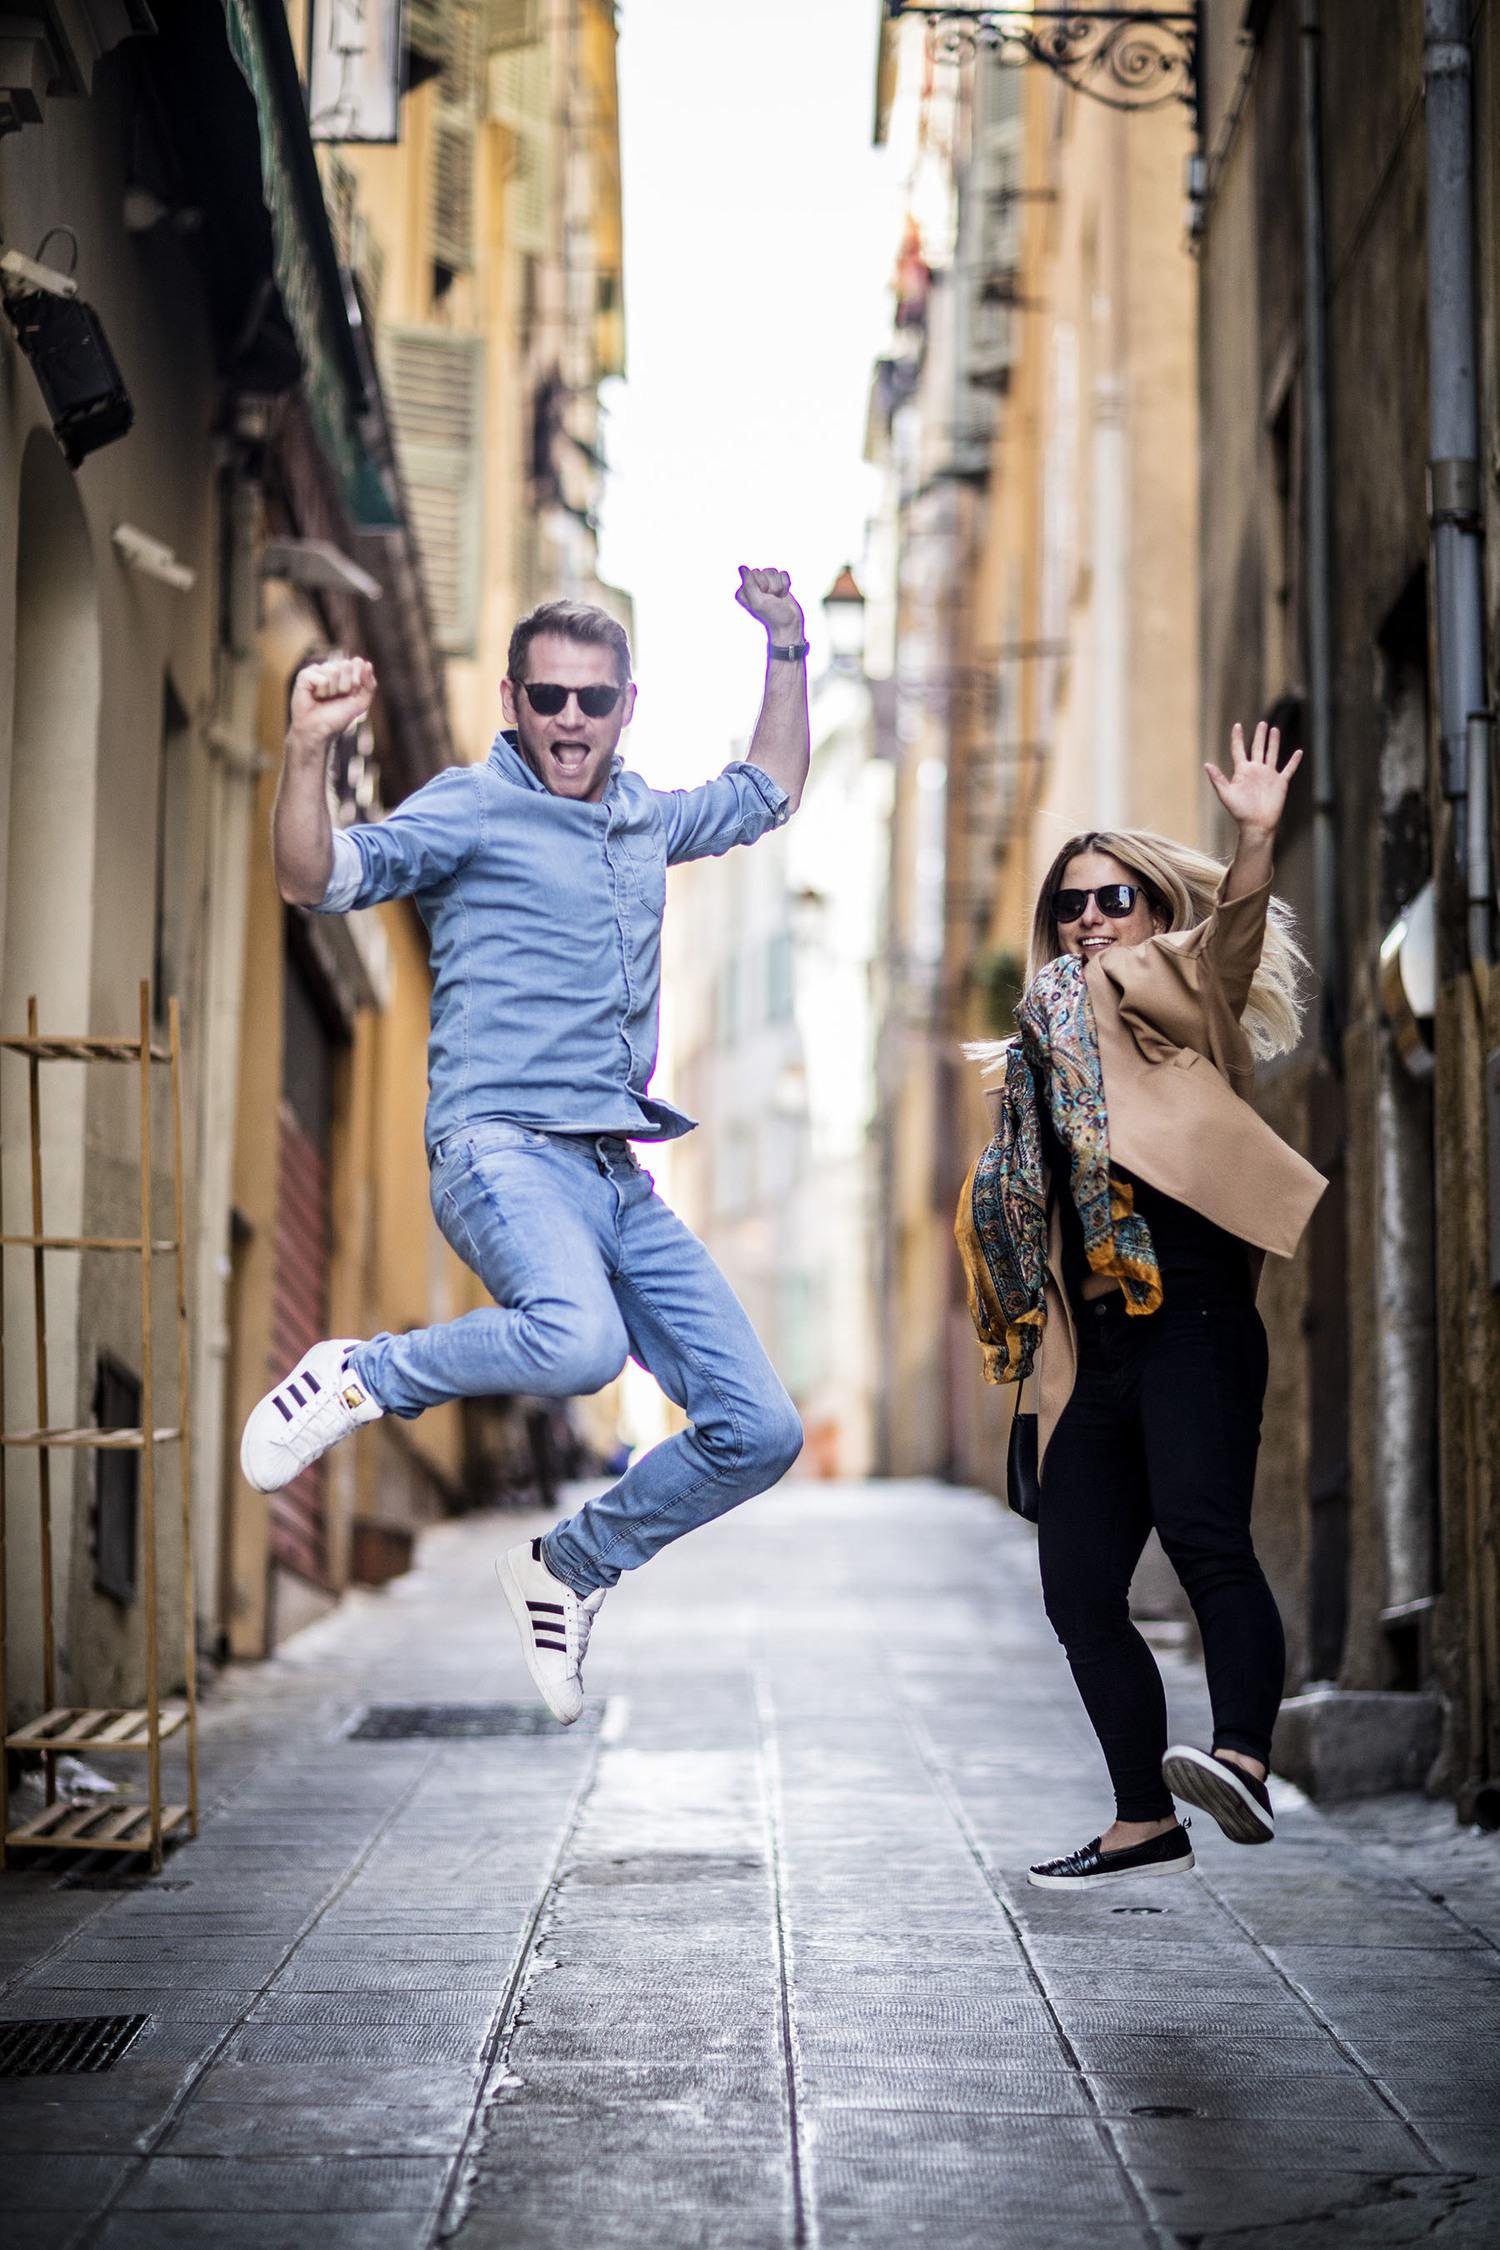 Jump up.jpg